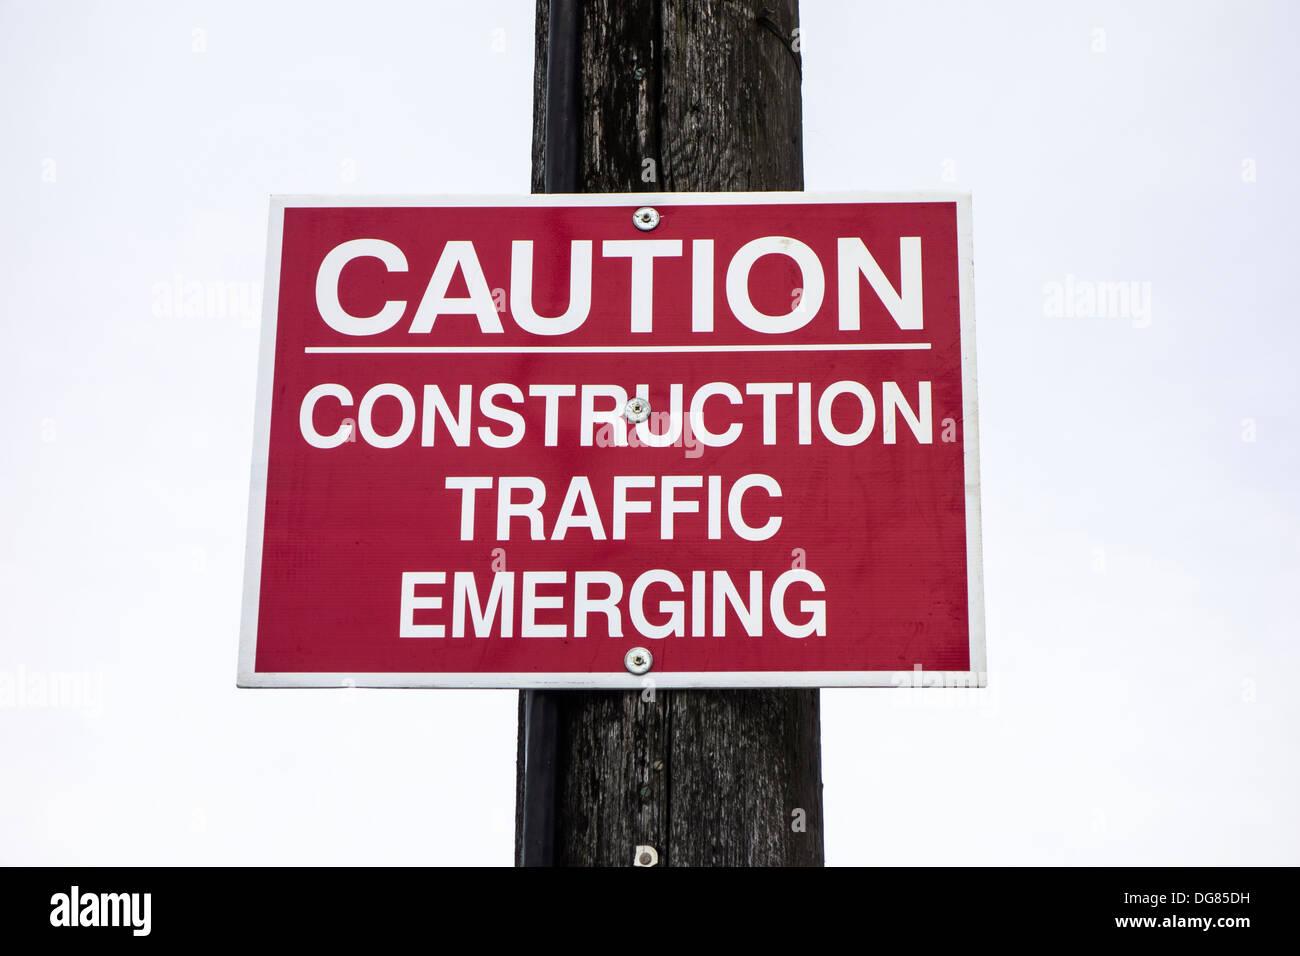 Un segno / avviso su un palo - Attenzione, Costruzione emergente del traffico Immagini Stock